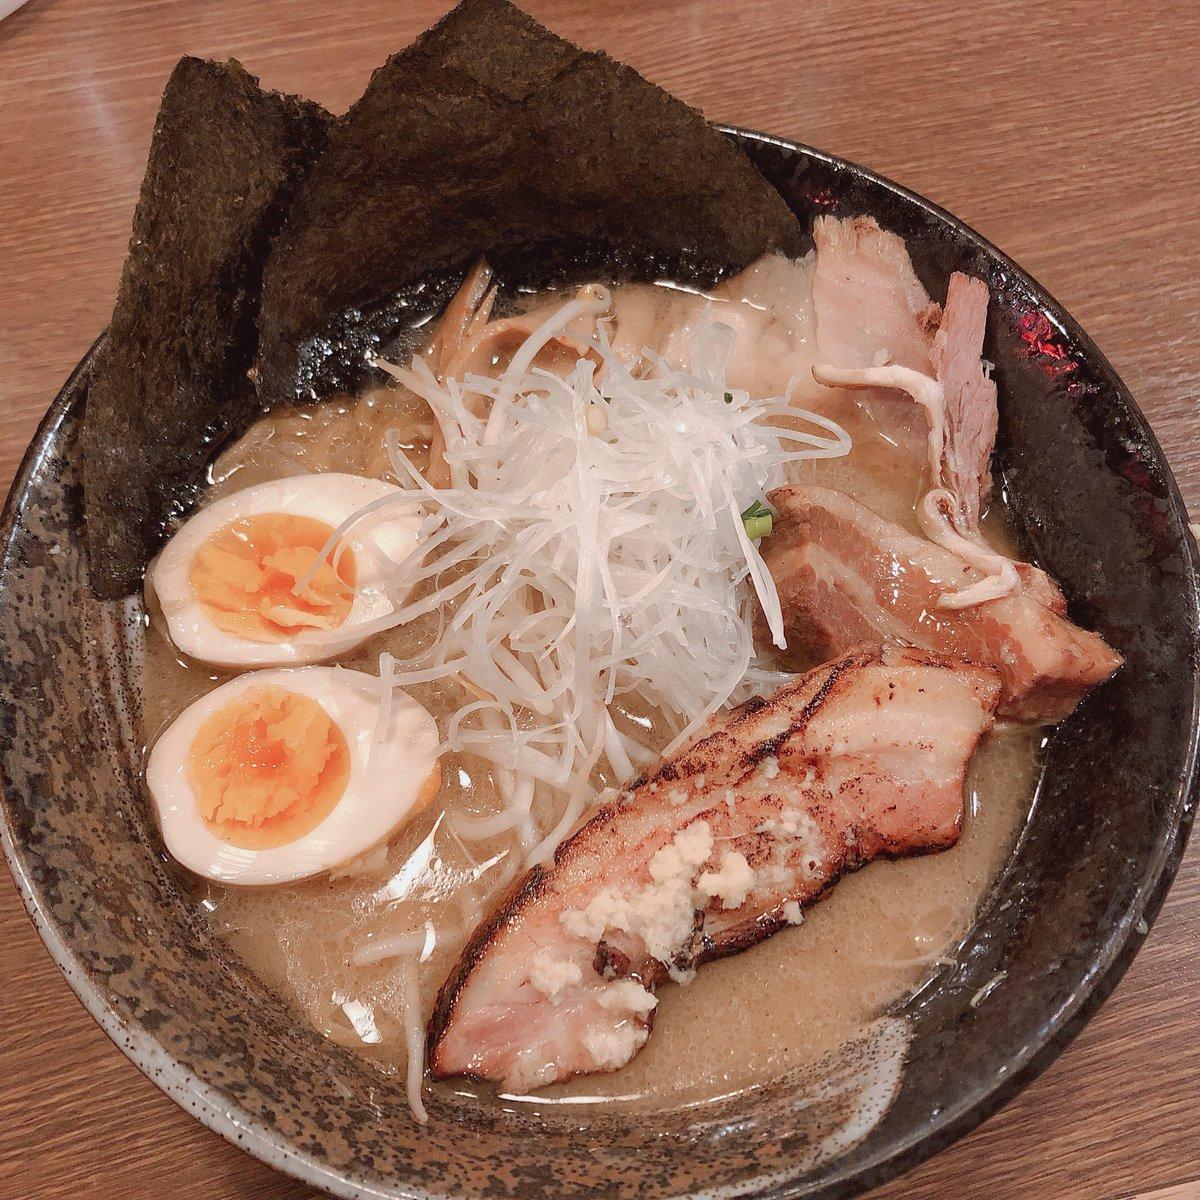 札幌らーめん共和国にある、らーめん空さんのみそラーメン🍜✨ ちぢれ麺とジューシーなお肉が美味しかった✨ #札幌らーめん共和国 #ラーメン #2日続けてみそラーメン #らーめん空